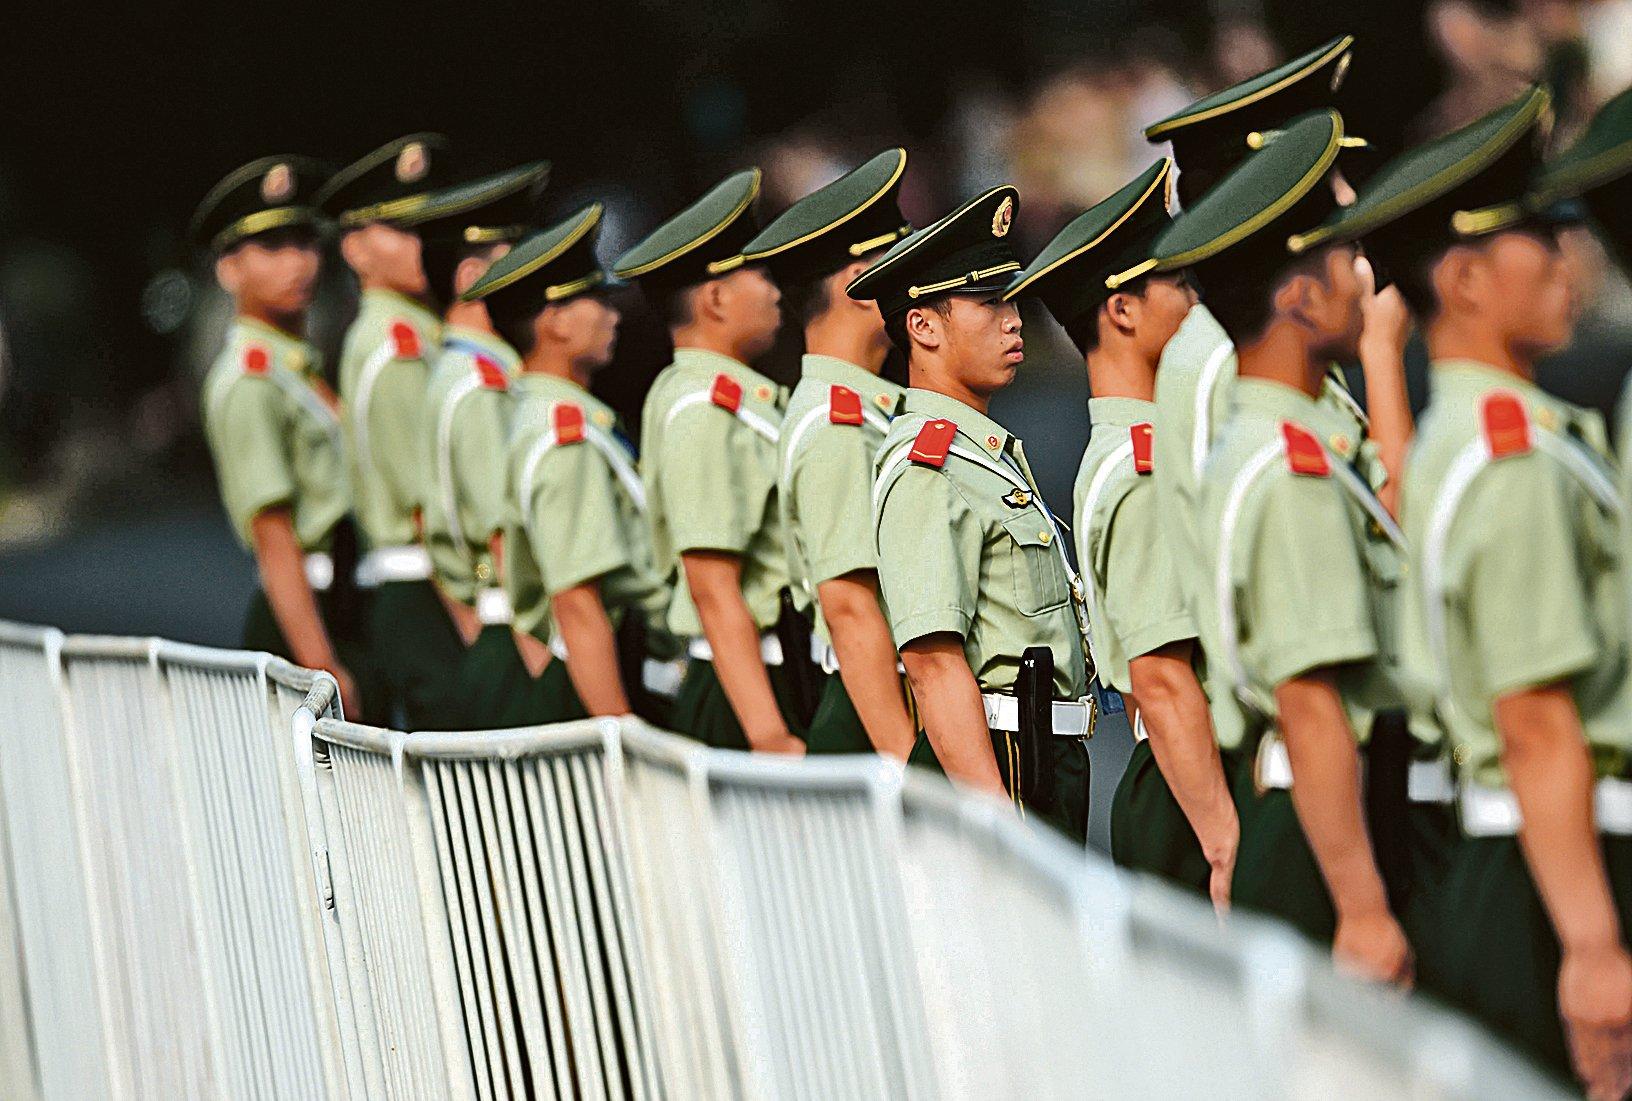 江澤民派系掌控的中央政法委曾一度坐大為「第二權力中央」。圖為在北京執勤的武警。(Getty Images)